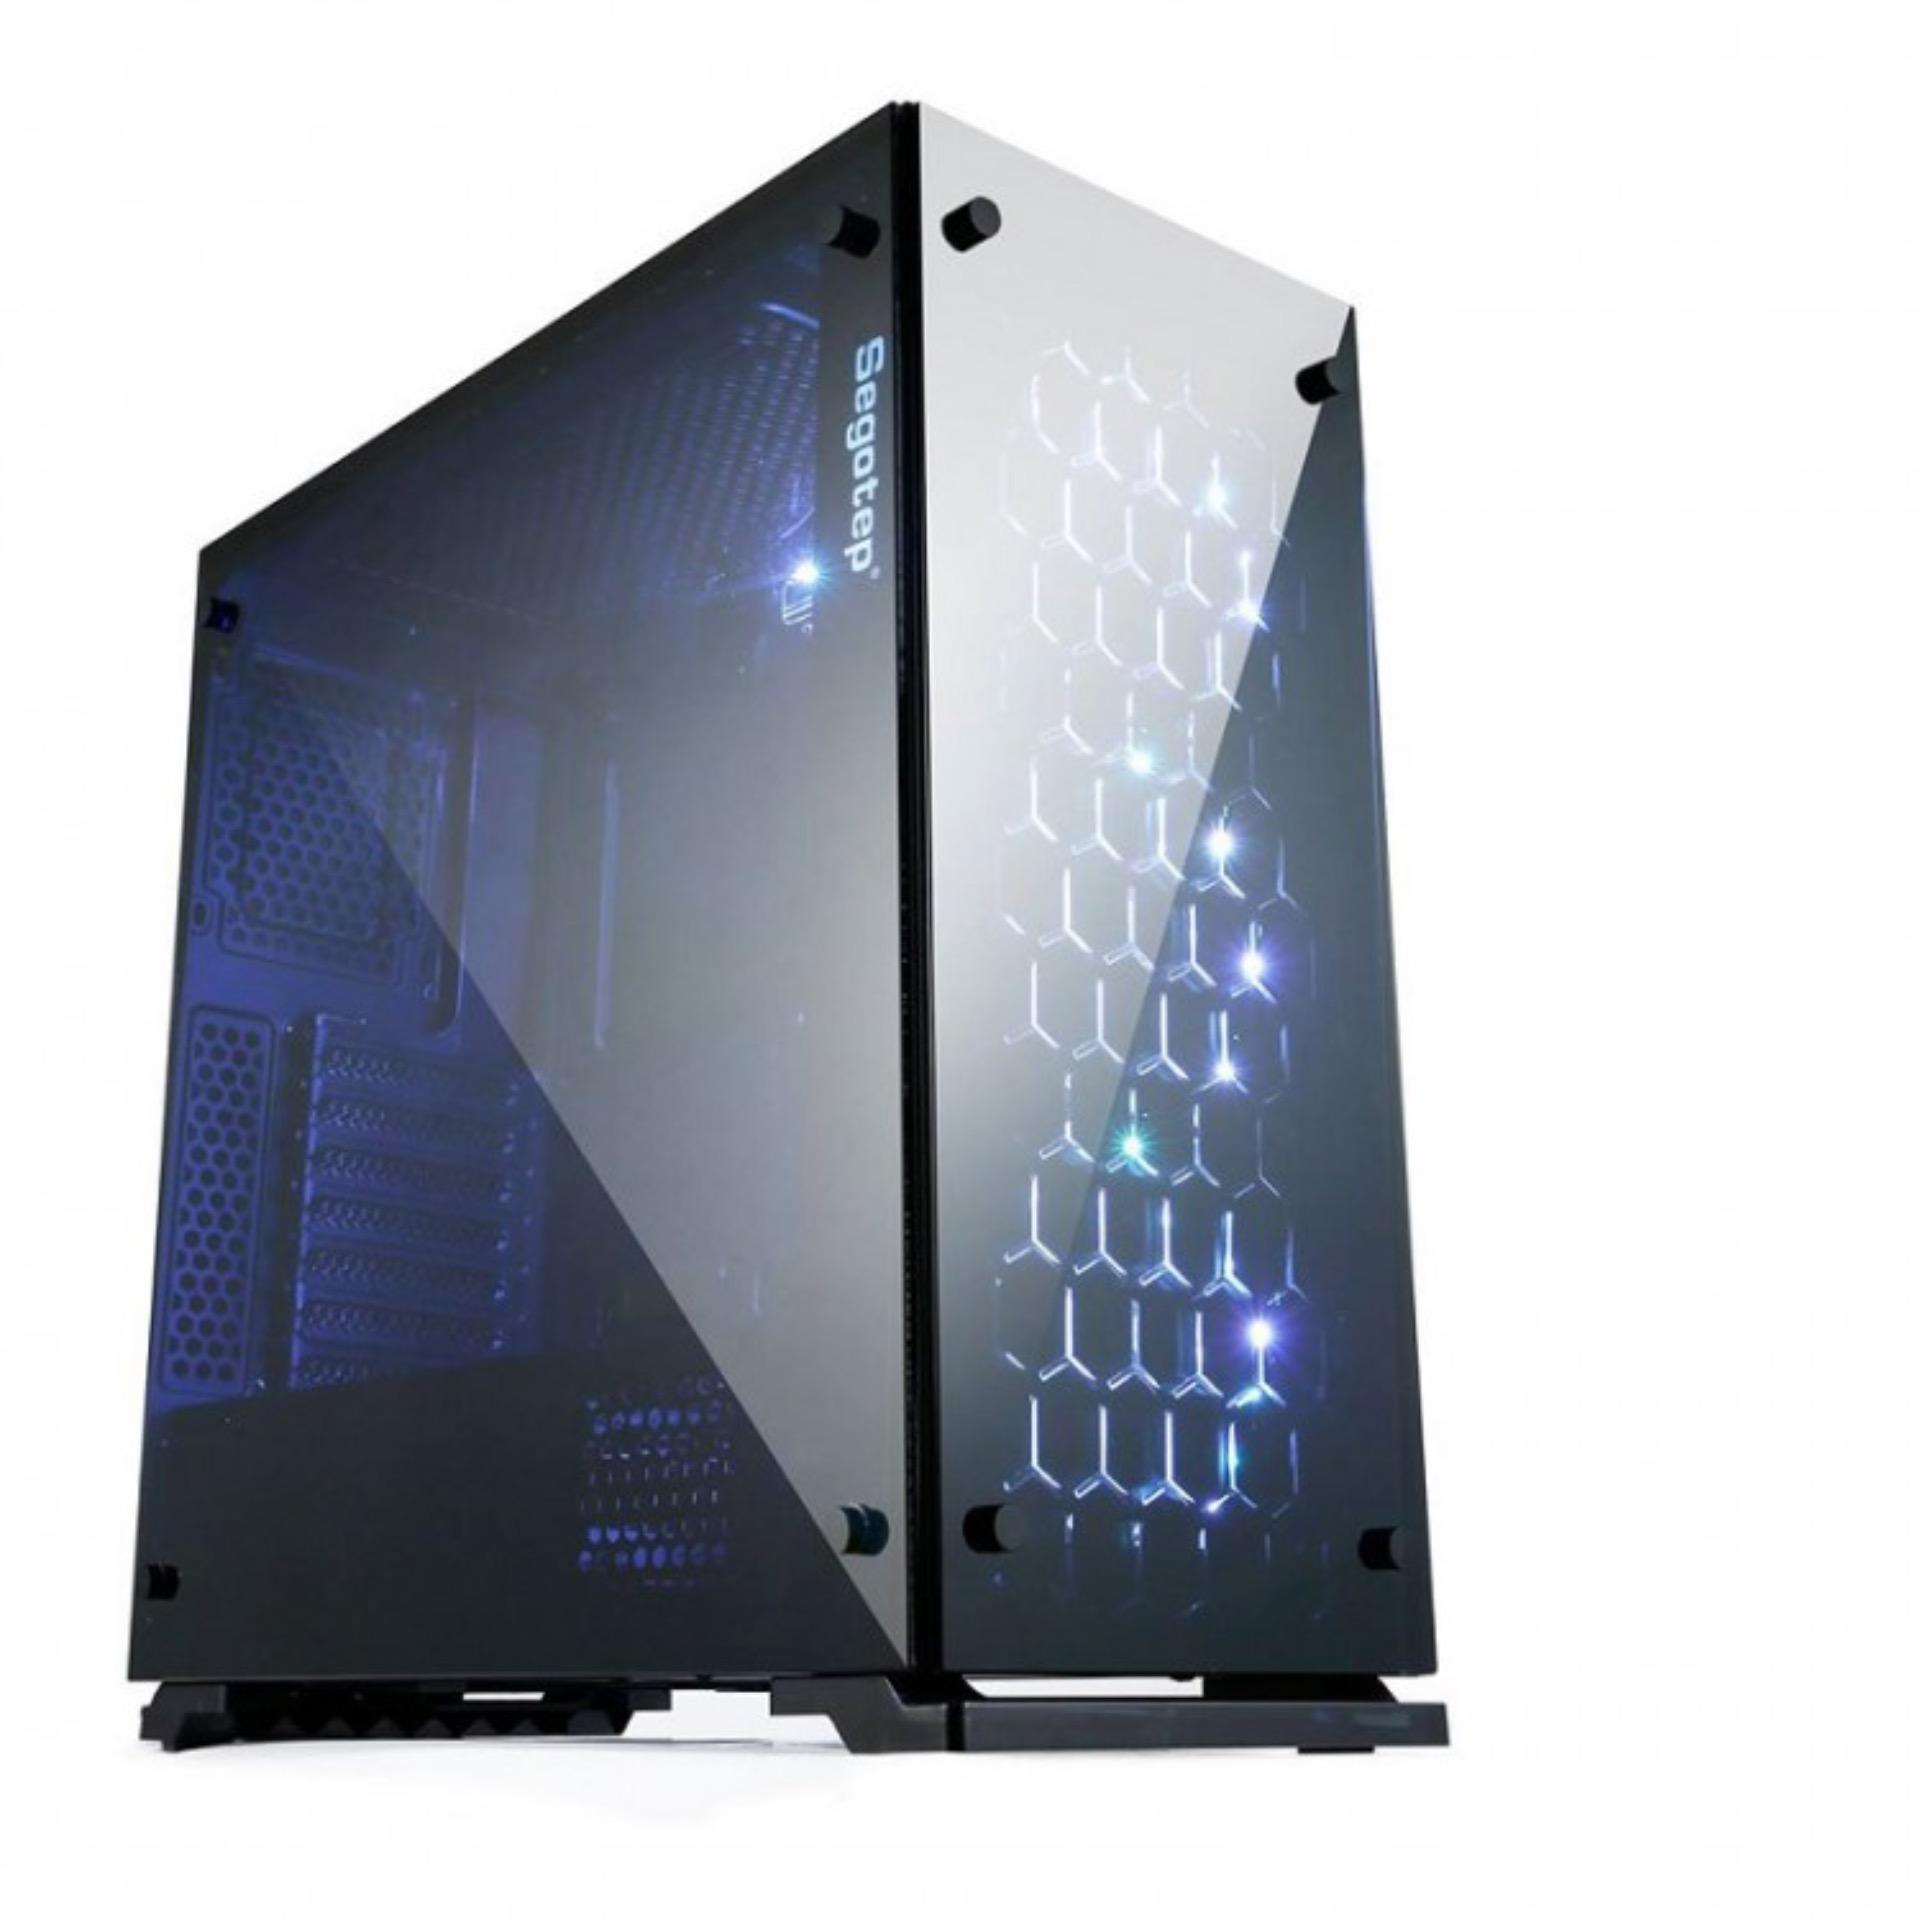 Ở đâu bán Vỏ Case Segotep SG-K7 LED RGB đổi màu theo chế độ